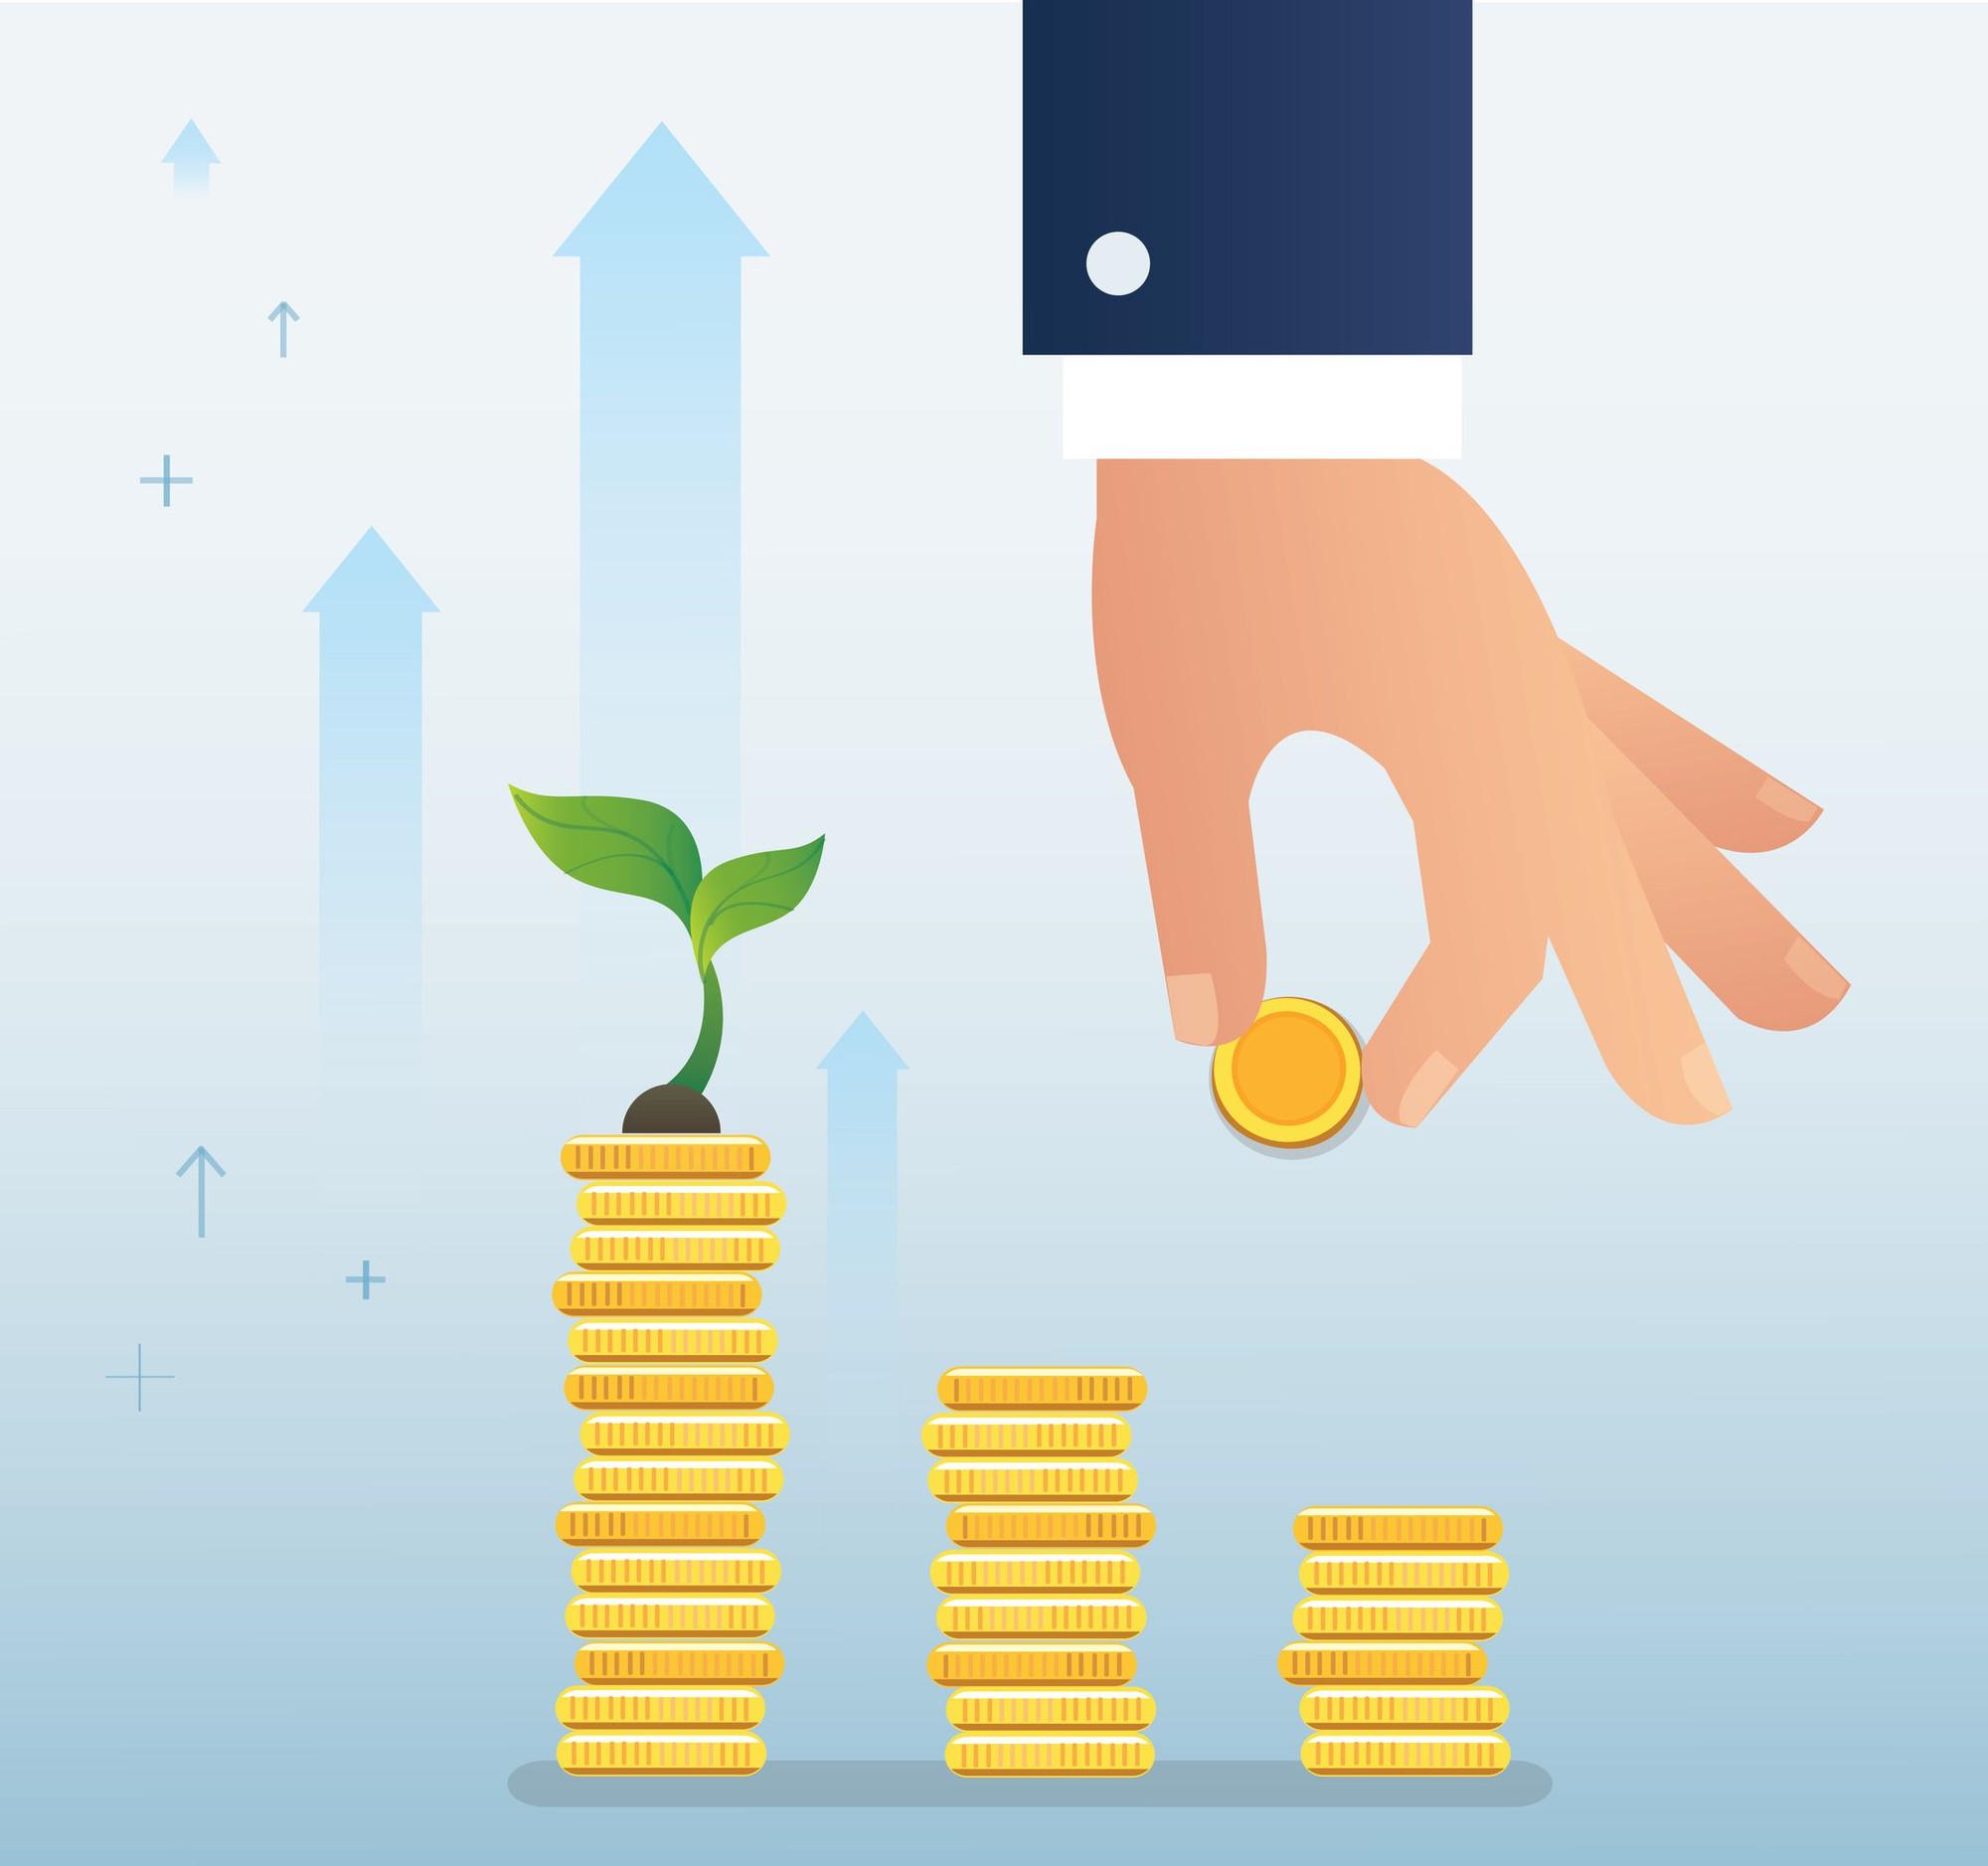 Đầu tư (Investment) là gì? Xác định hàm đầu tư